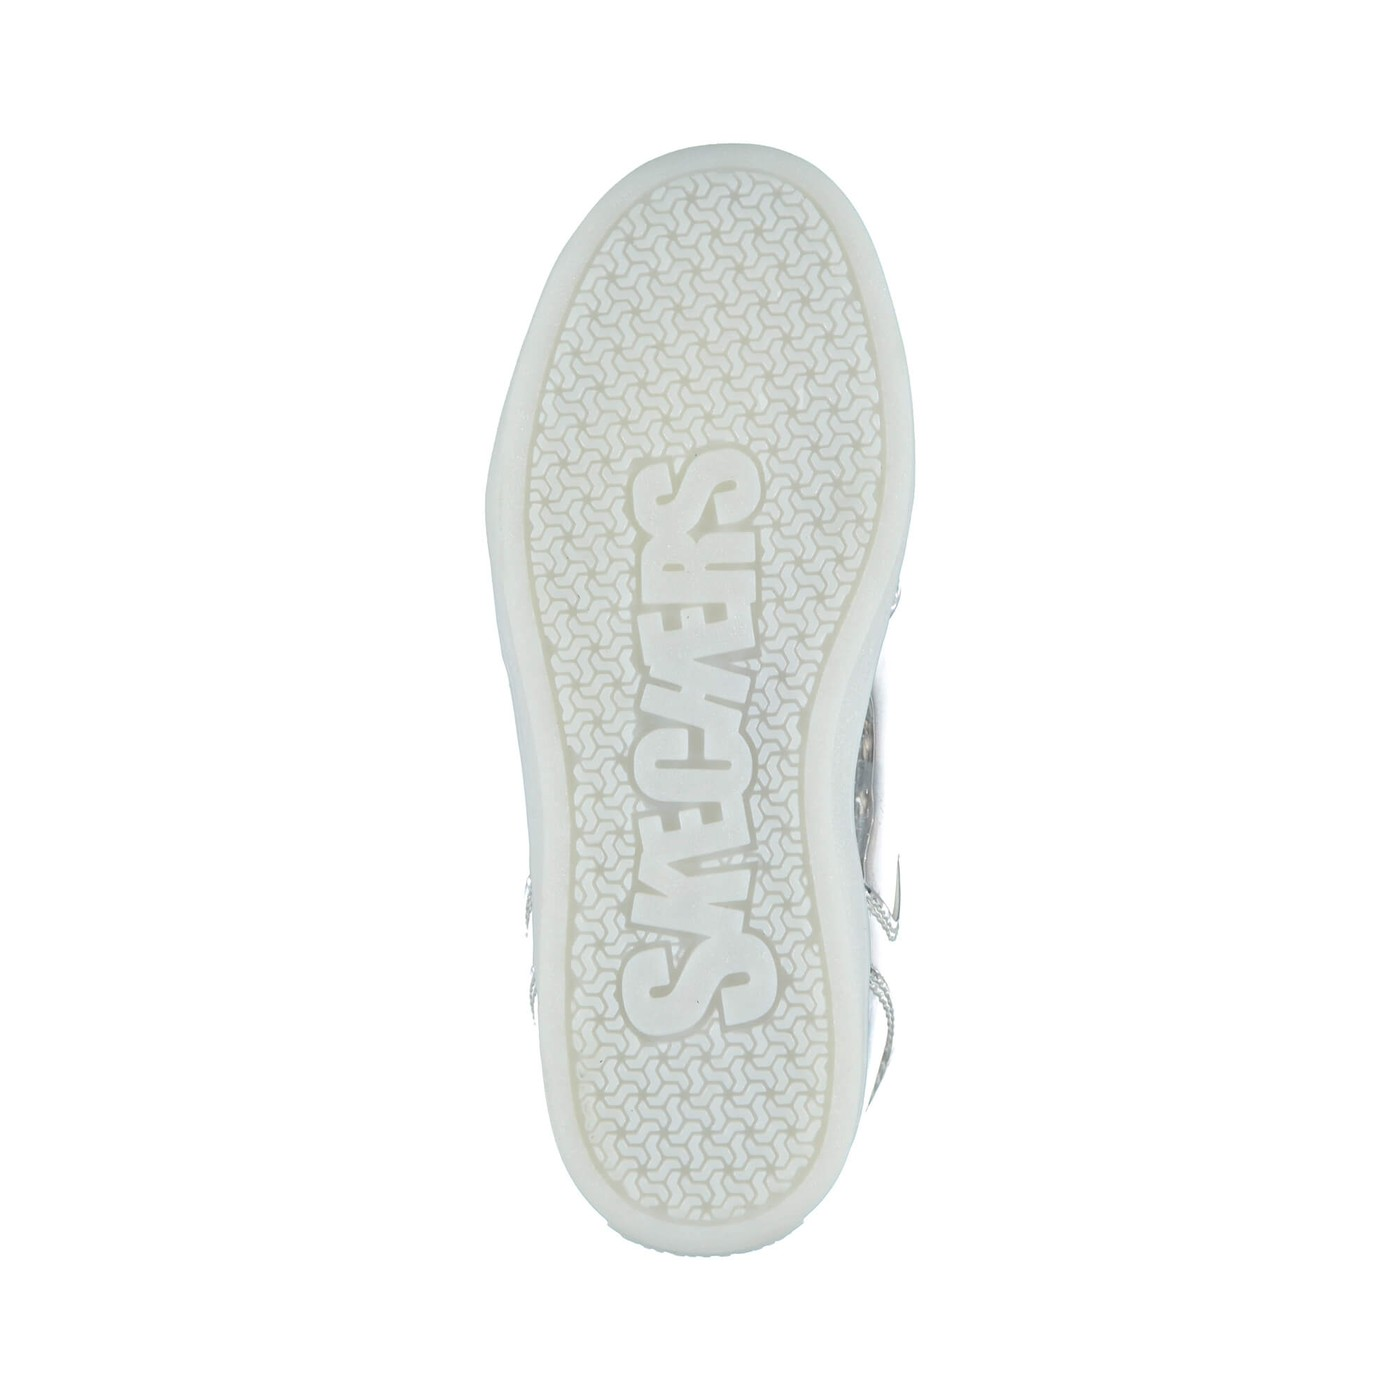 Skechers Energy Lights Çocuk Gümüş Işıklı Spor Ayakkabı